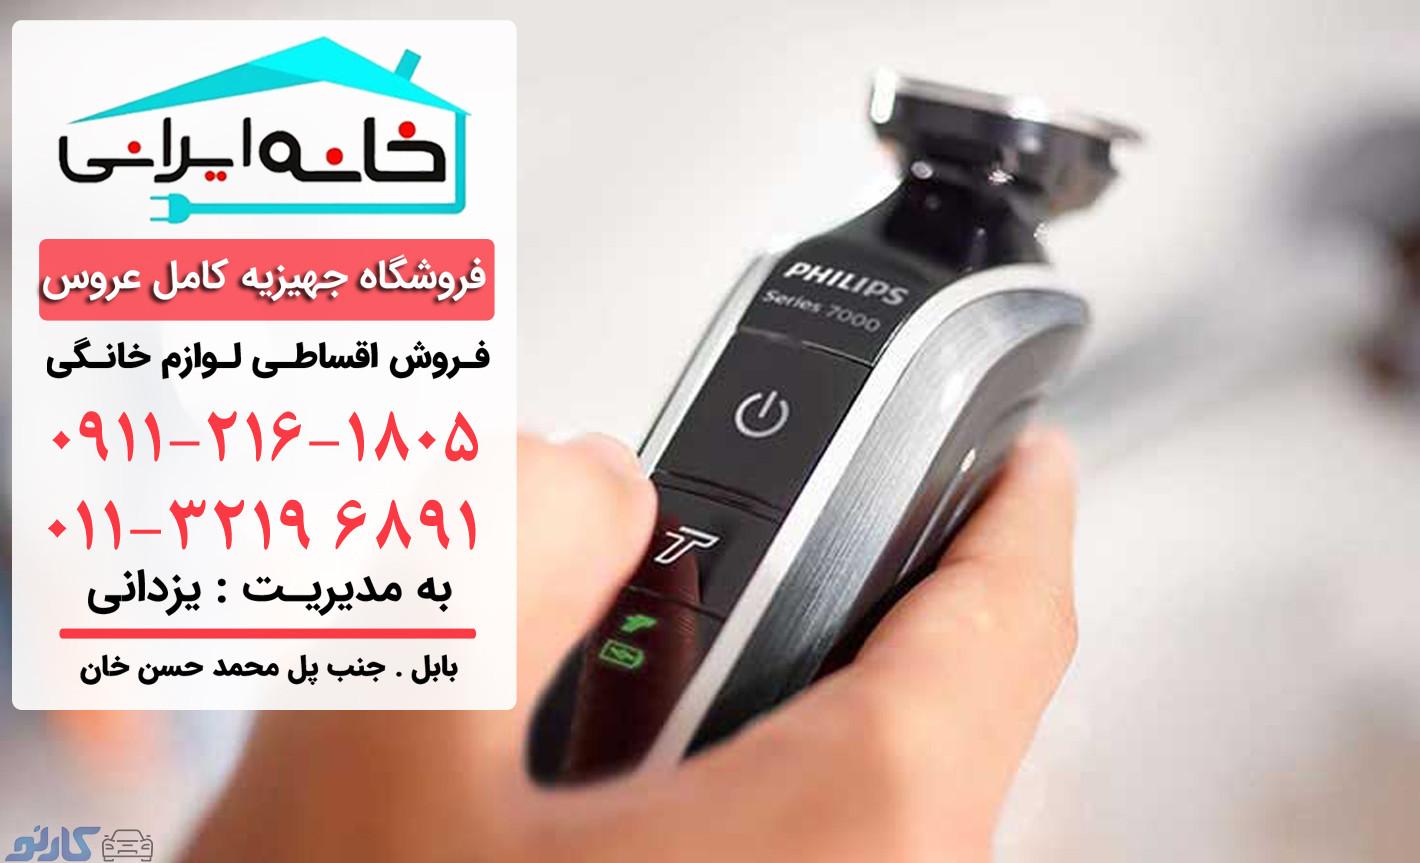 فروش اقساطی لوازم برقی آرایشی در دریاکنار و خزرشهر   فروشگاه لوازم خانگی خانه ایرانی